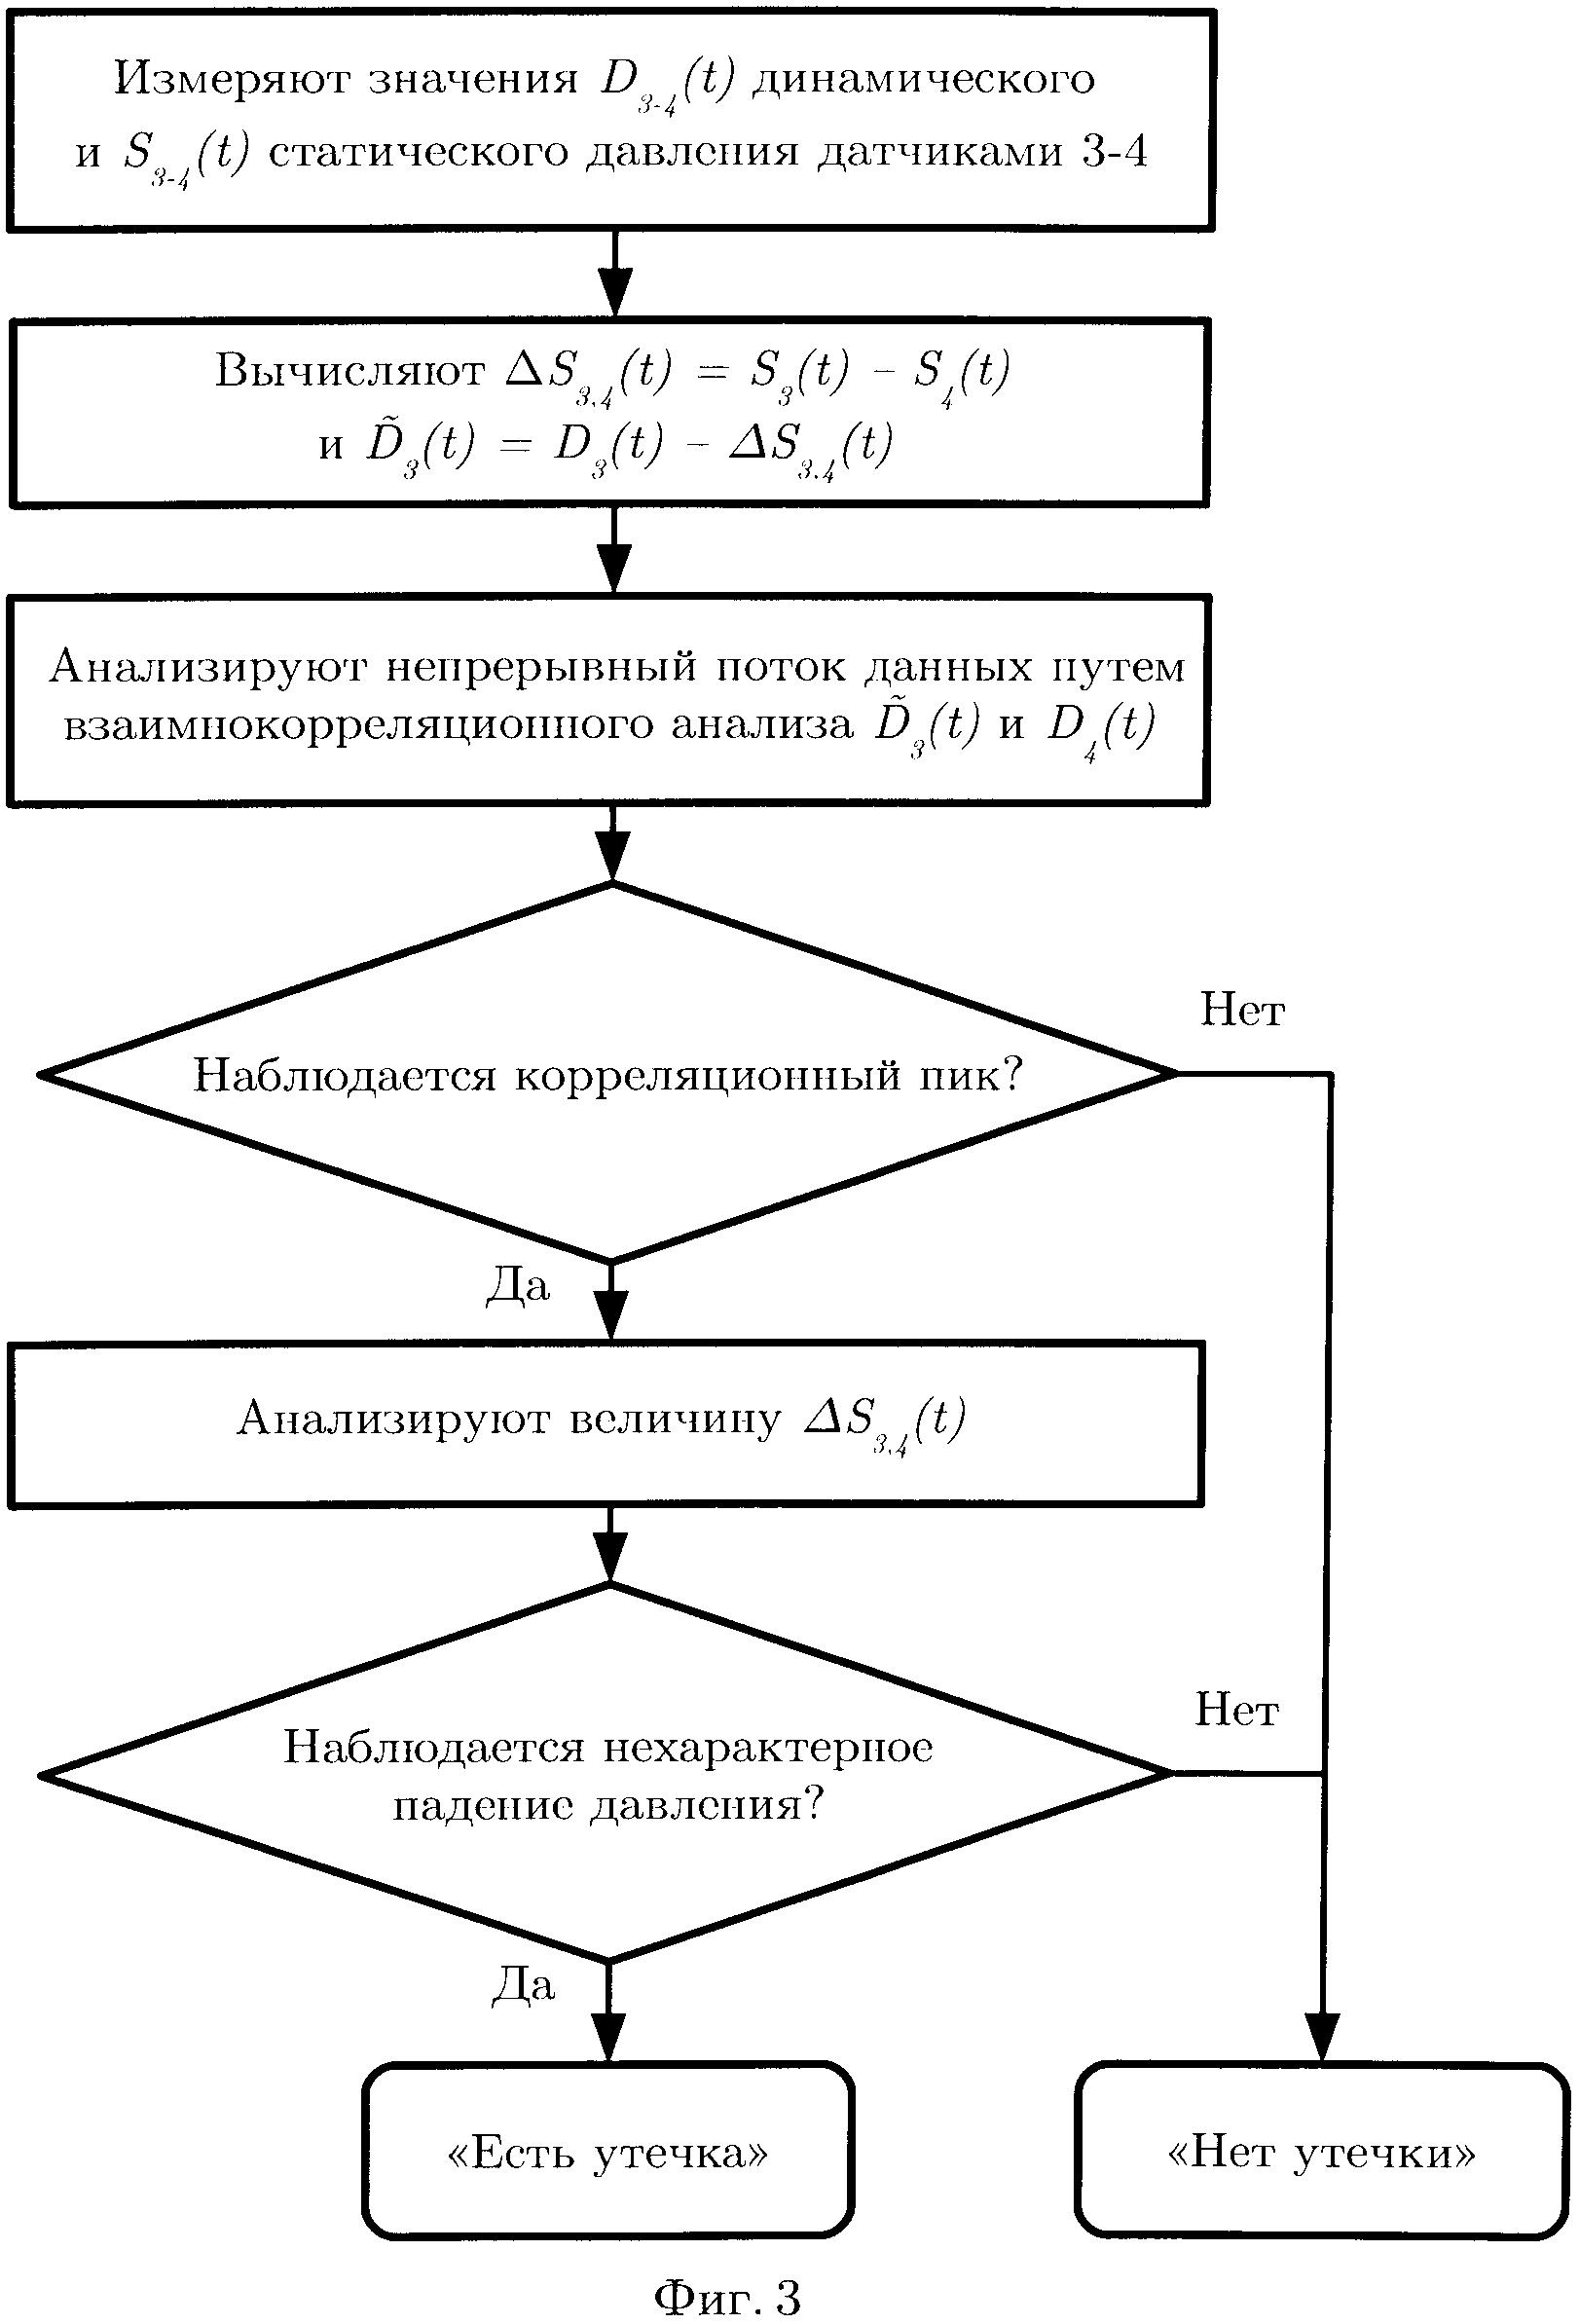 Способ обнаружения утечек на трубопроводах с насосной подачей транспортируемой среды